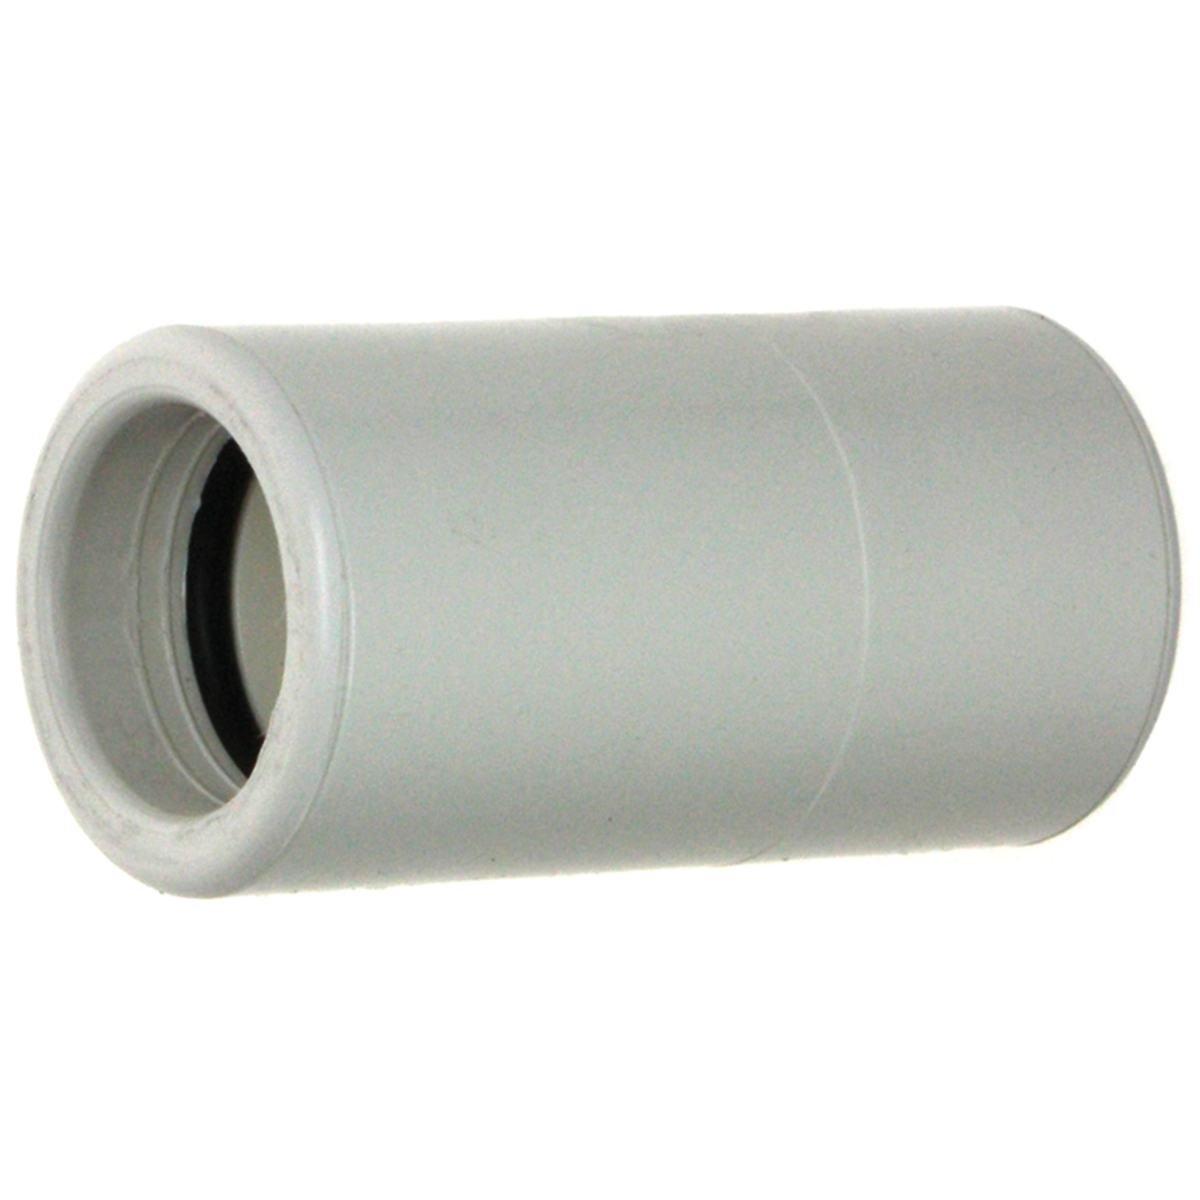 Rørmuffe lige med O-ringe til 20 mm rør